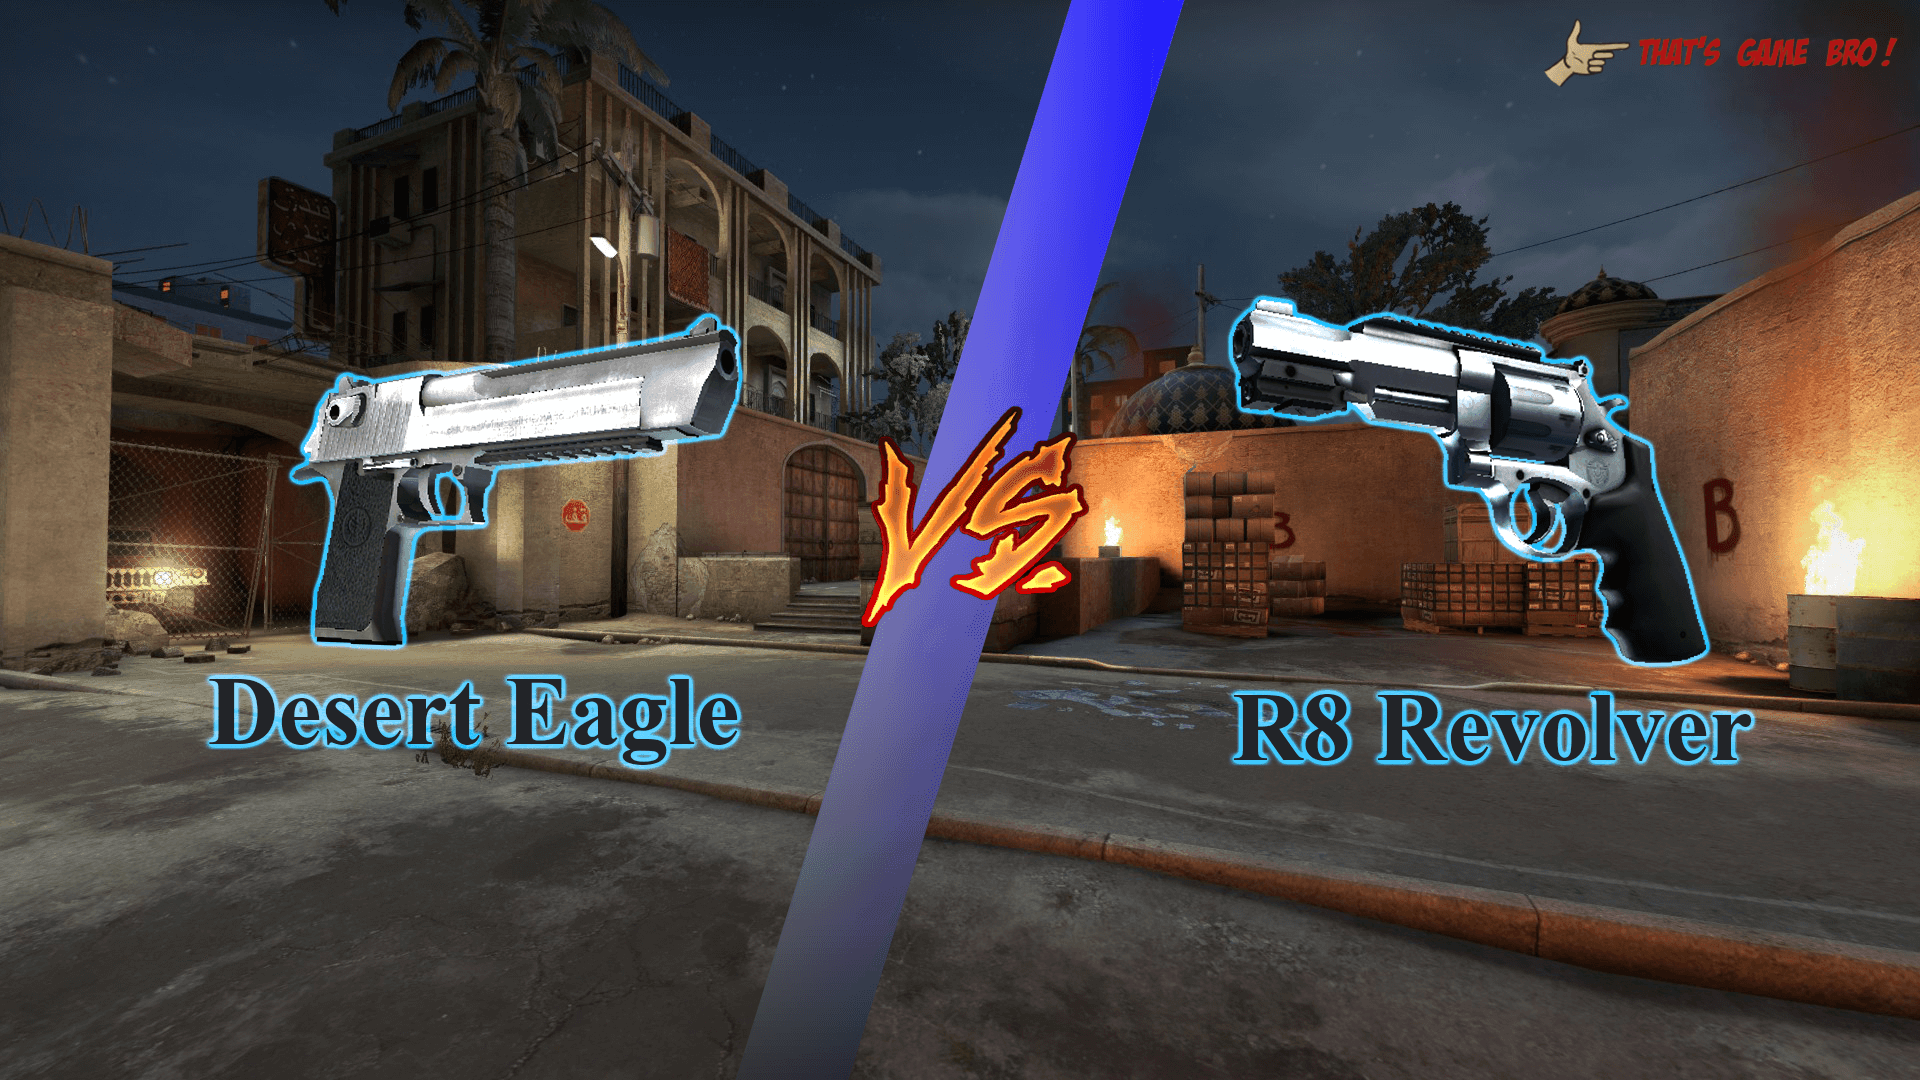 Deagle vs Revolver